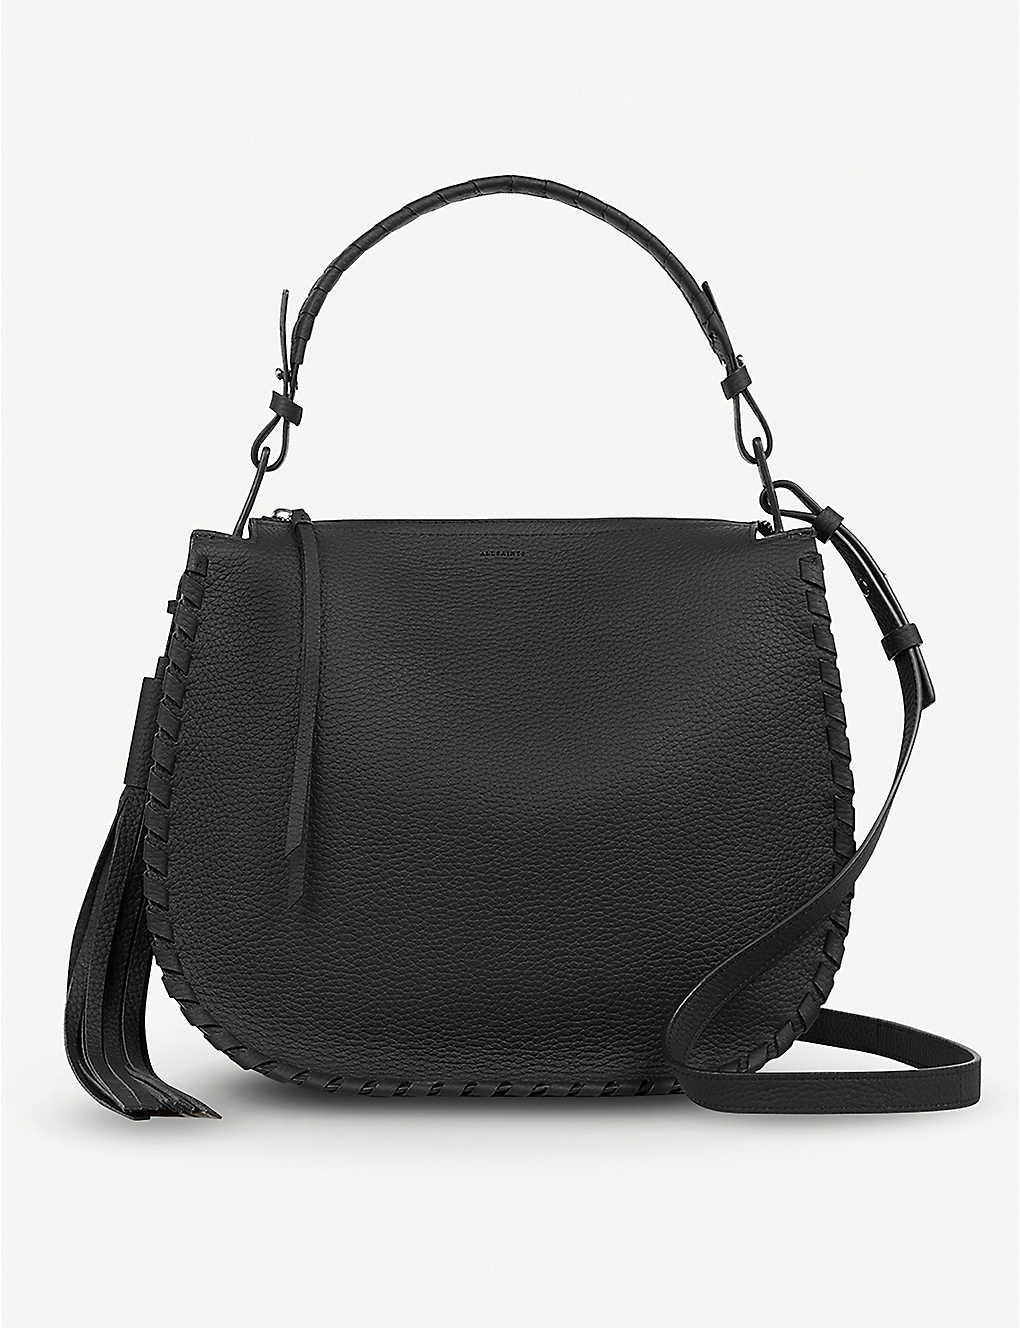 2086437f9caa29 ALLSAINTS - Mori leather hobo bag | Selfridges.com